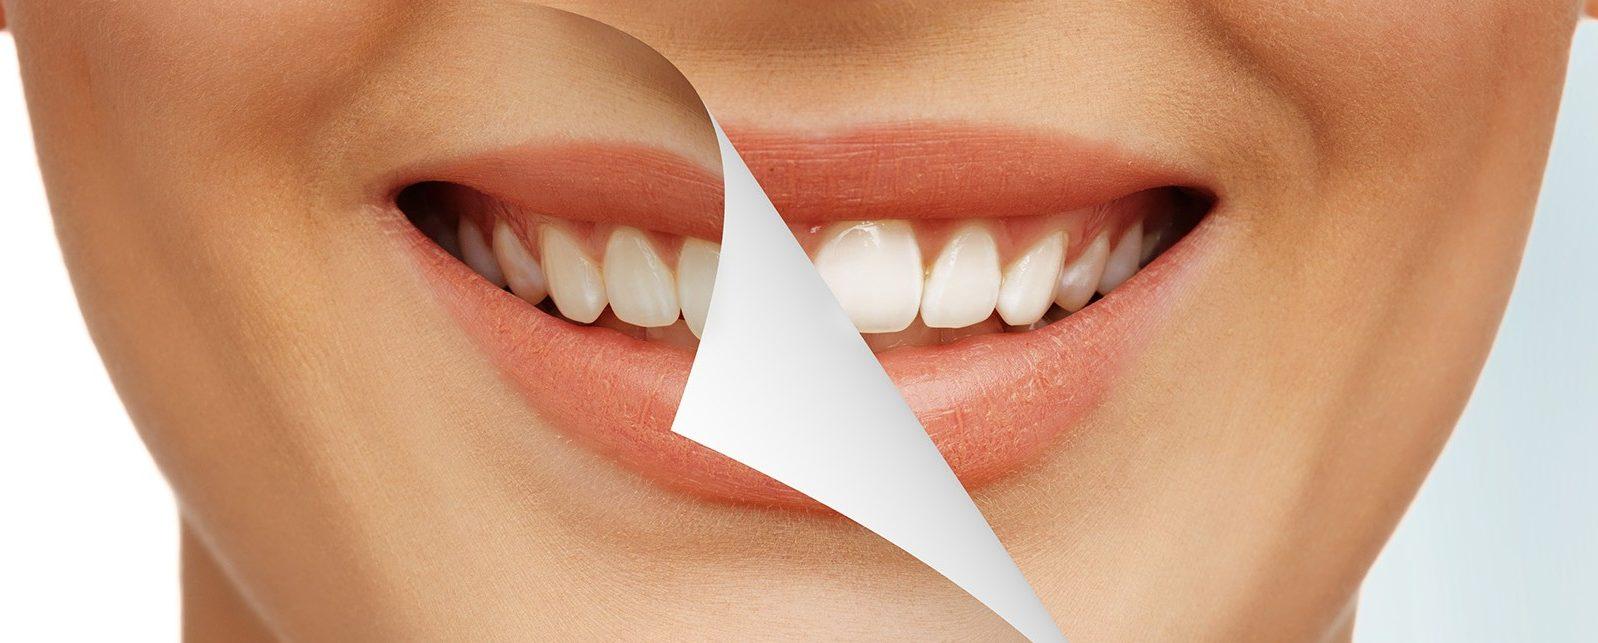 Отвары для отбеливания зубов